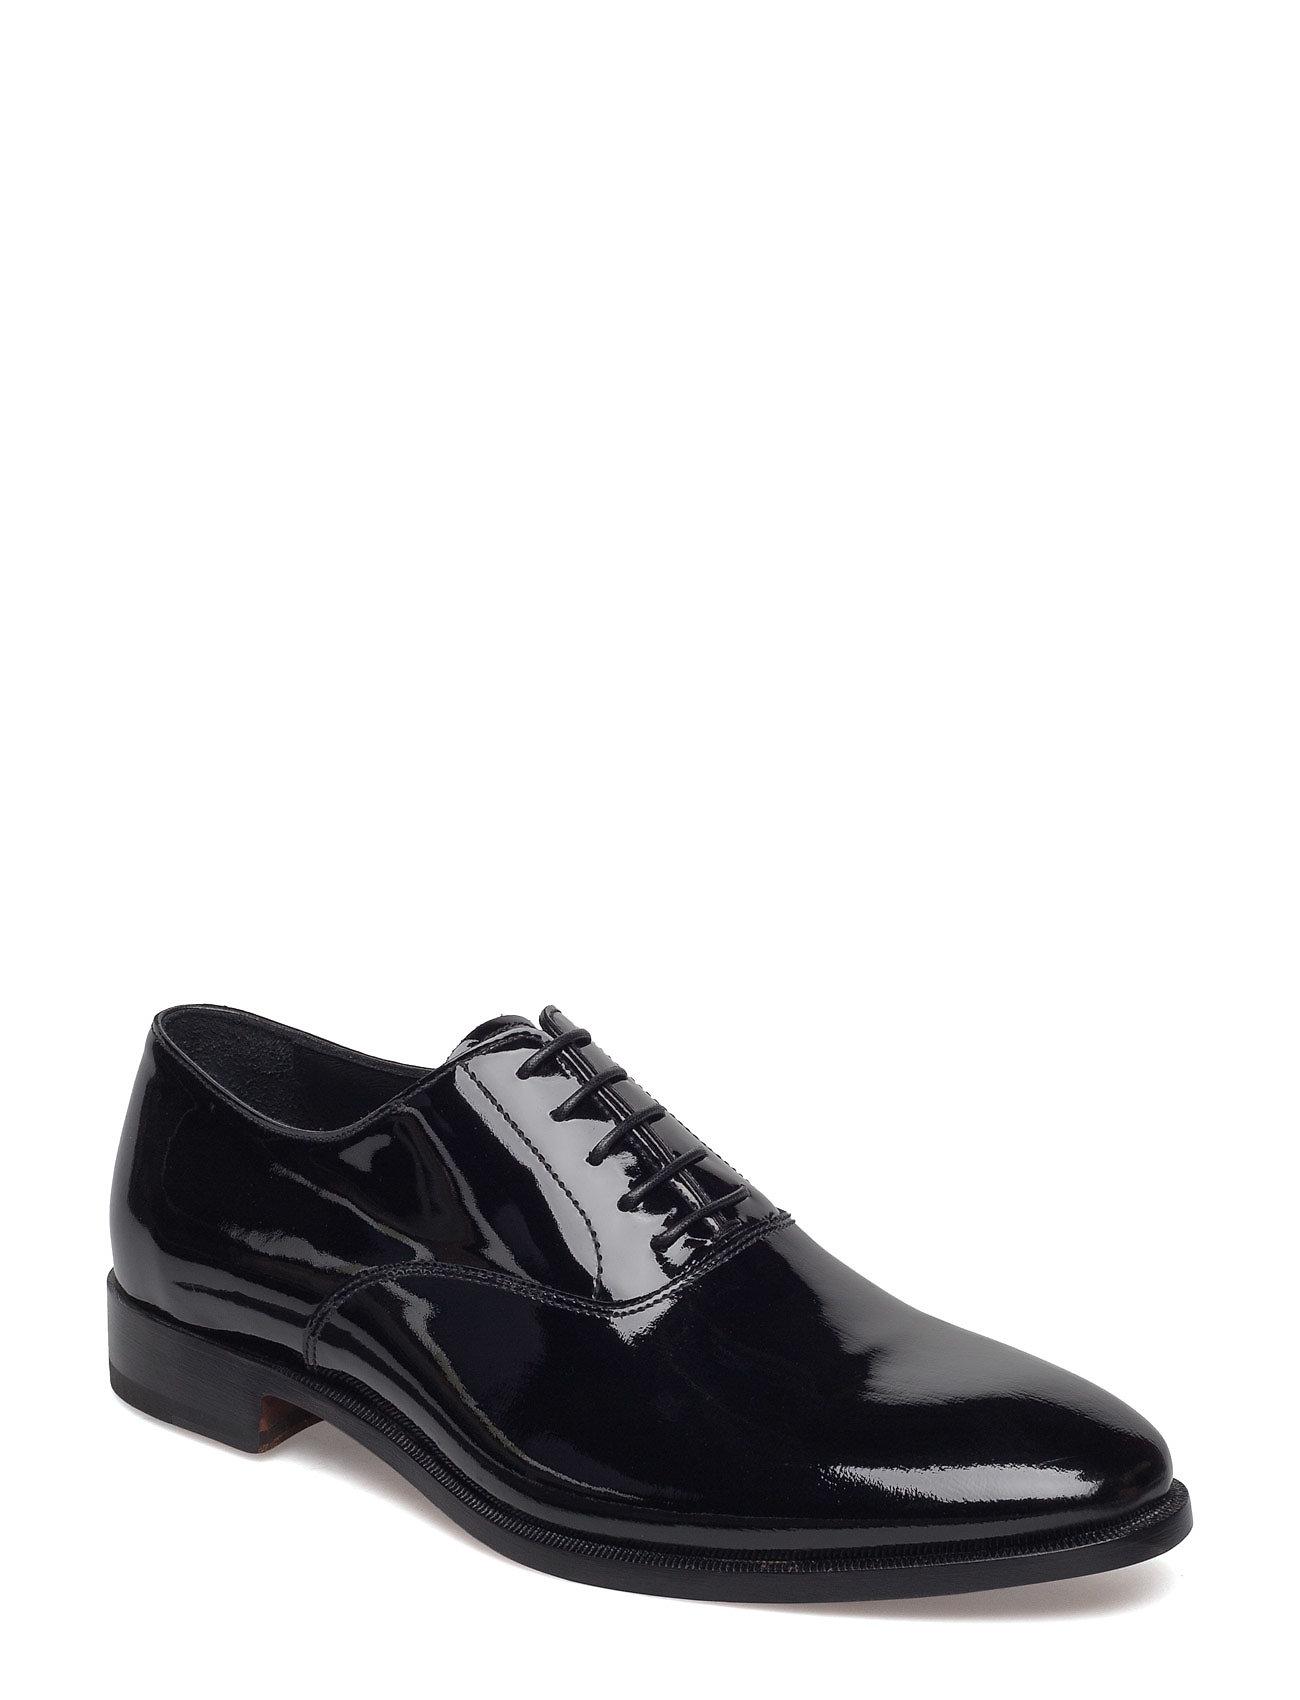 Prince Shoes Oscar Jacobson Business til Herrer i